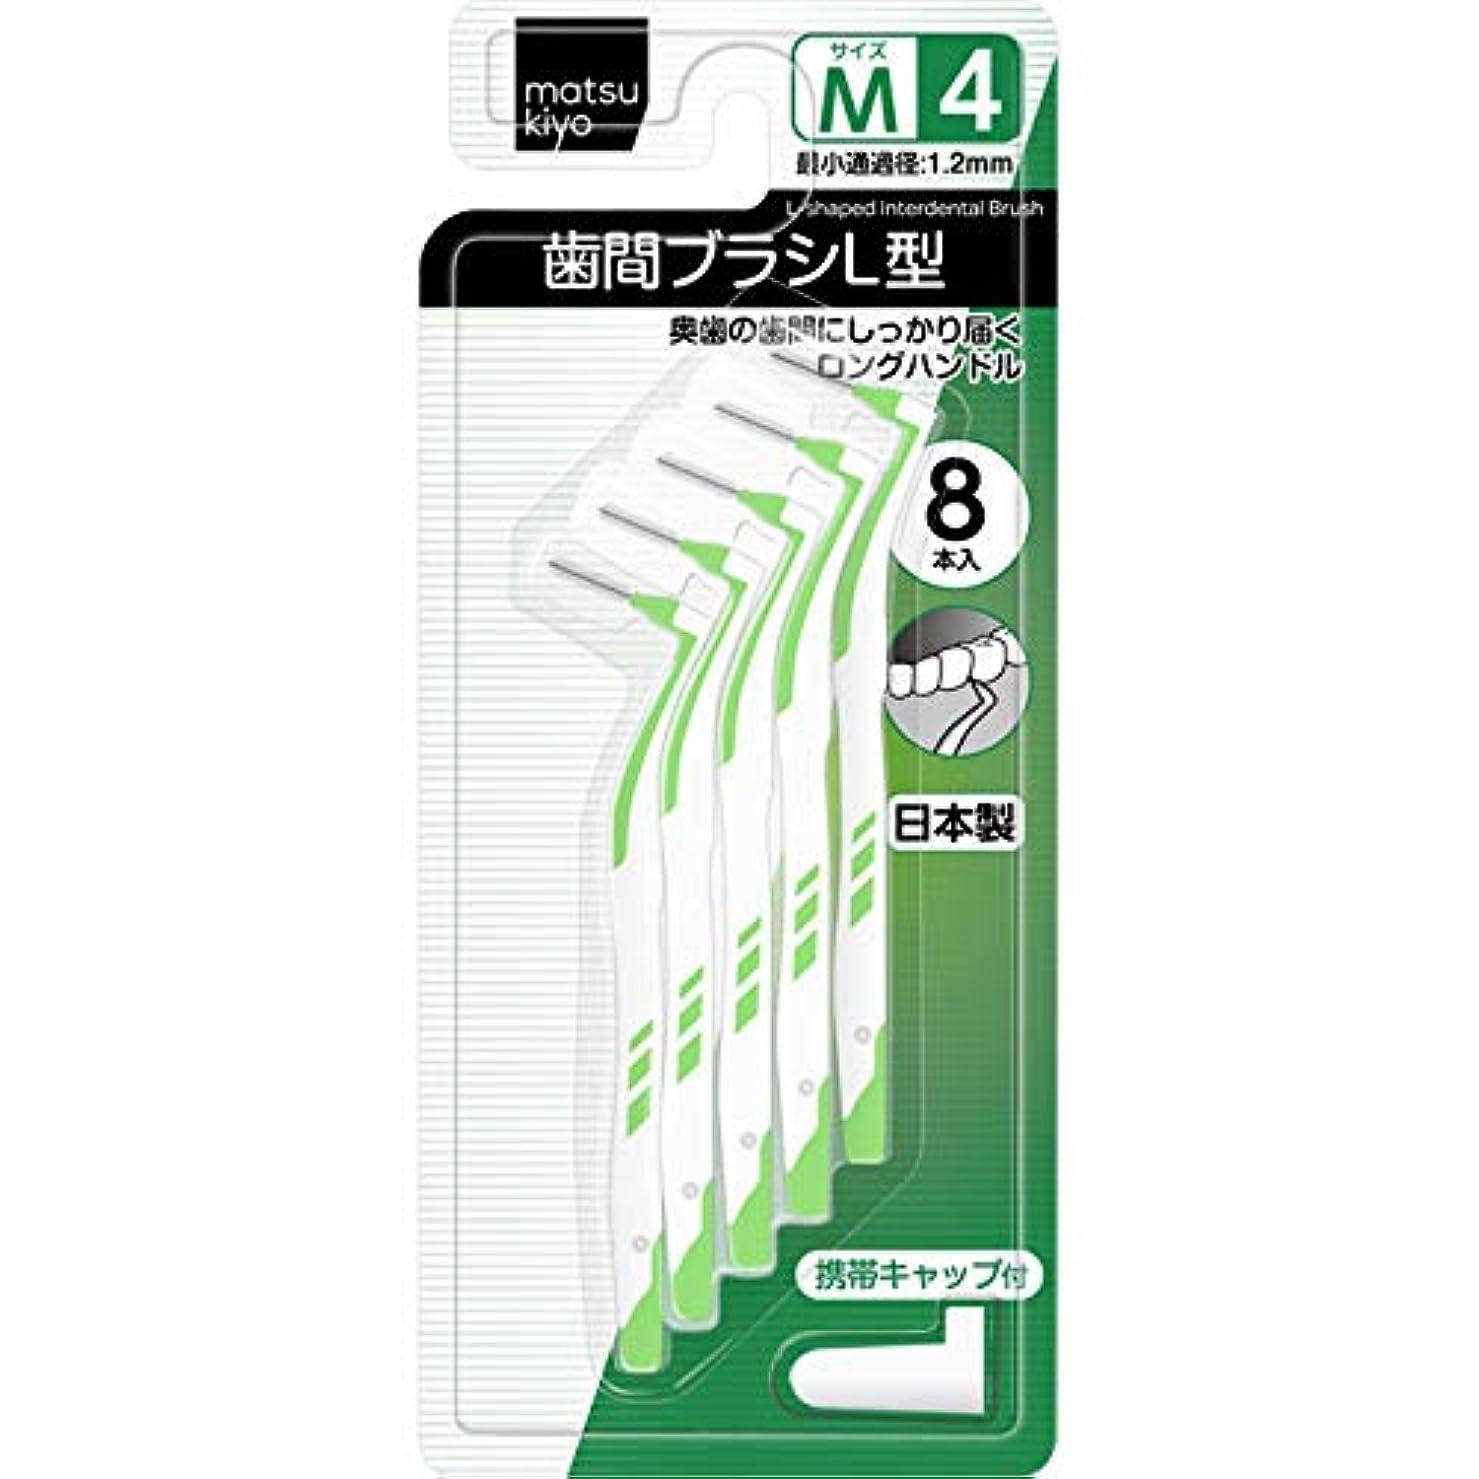 カッター舗装図書館matsukiyo 歯間ブラシL型 サイズ4(M) 8本